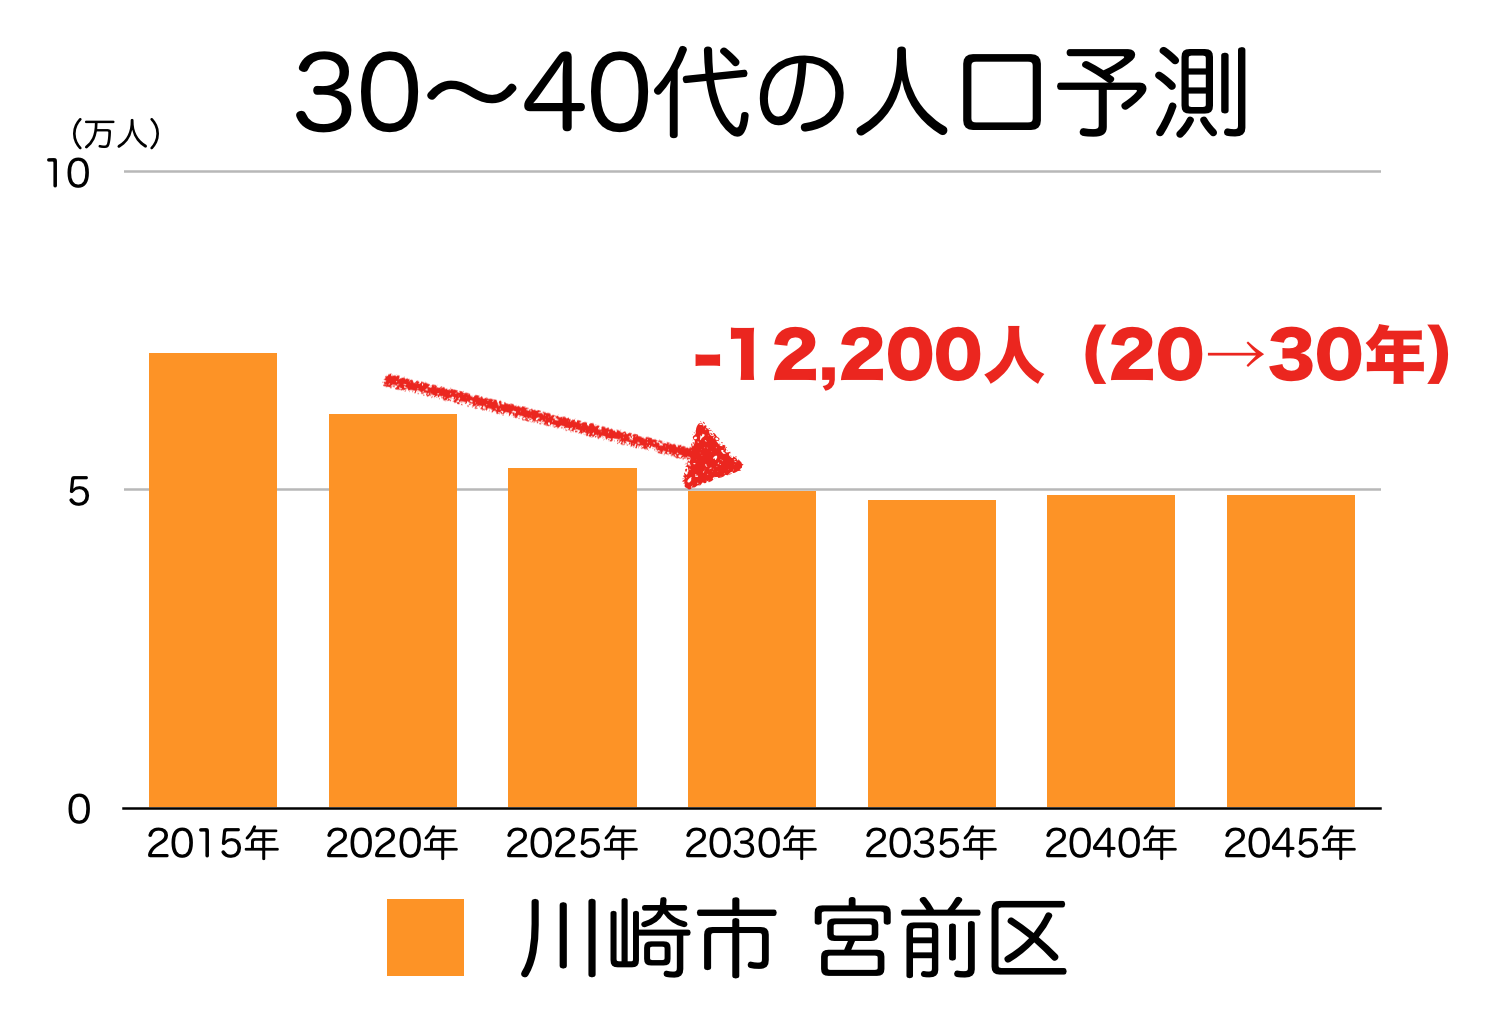 川崎市宮前区の30〜40代人口の予測